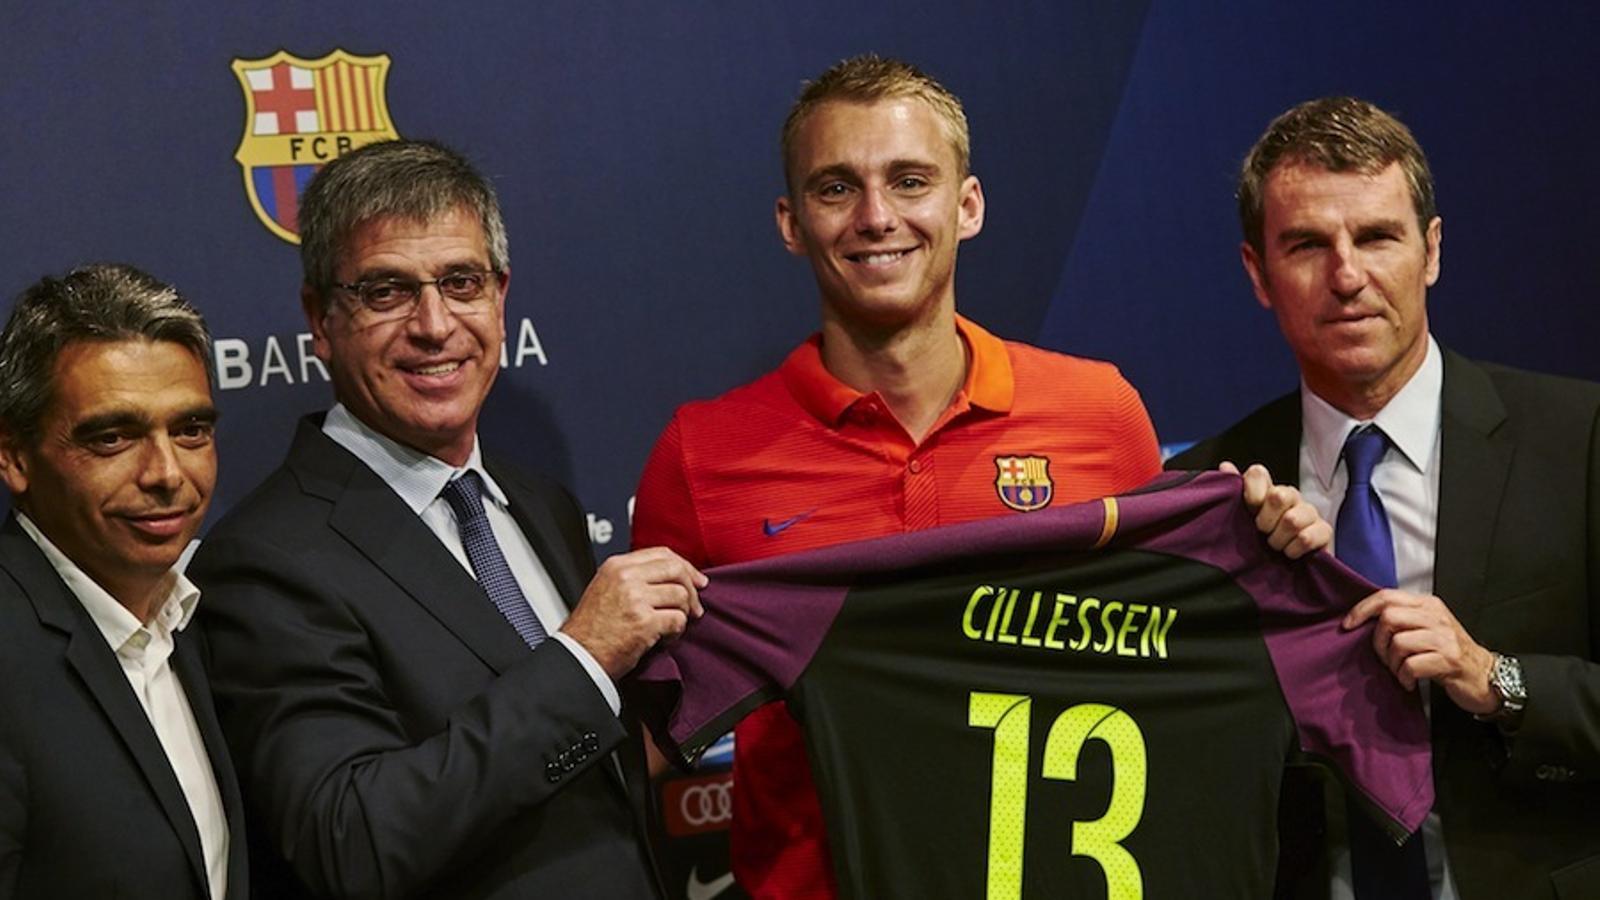 Cillessen, durant la seva presentació al Camp Nou